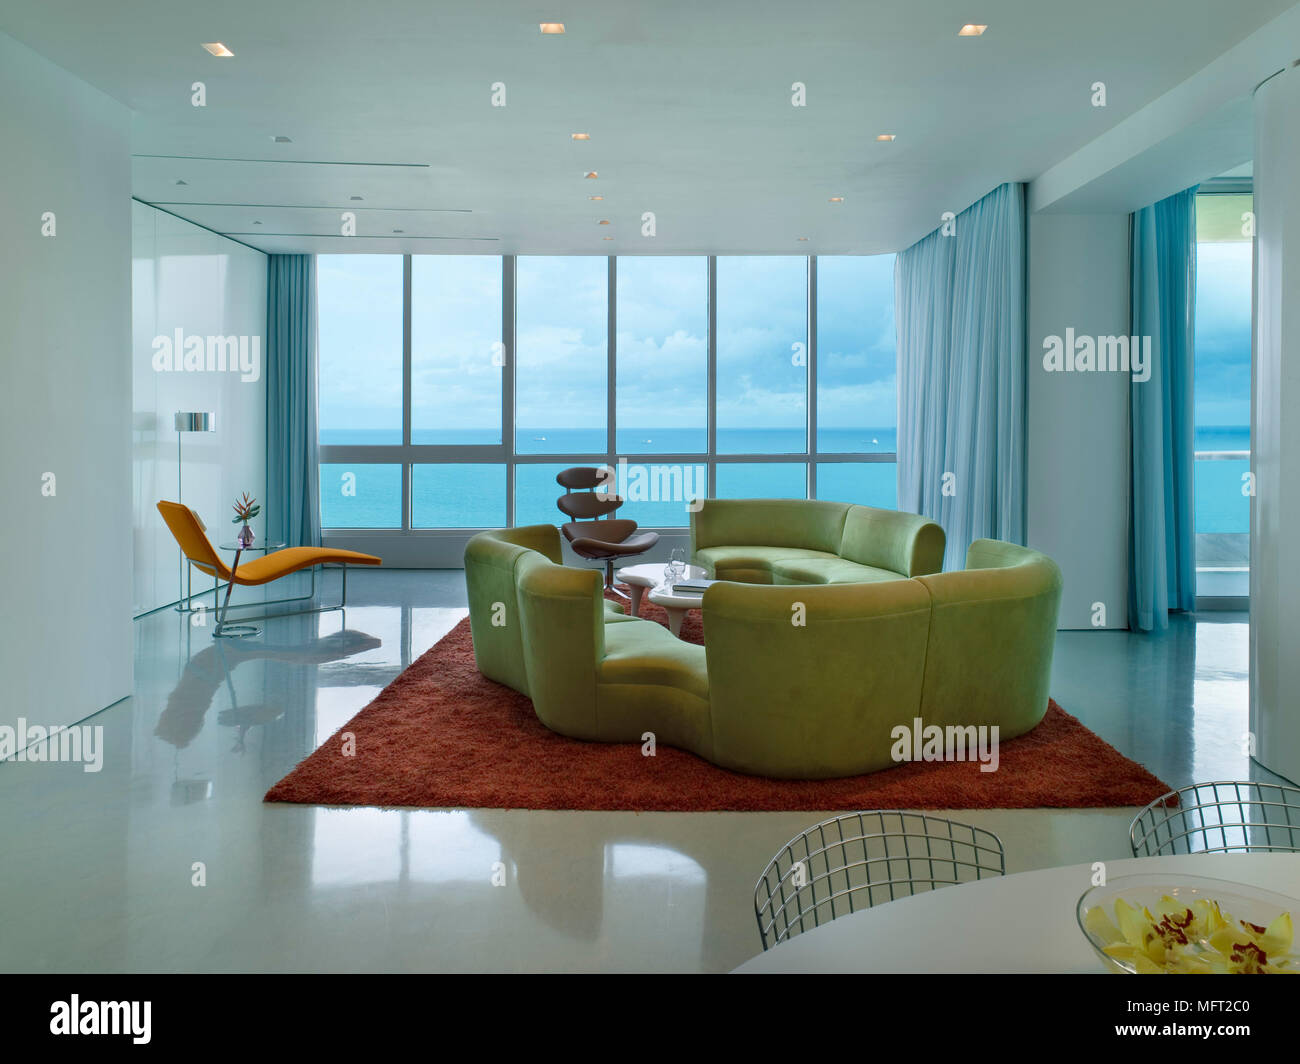 Ein Modernes, Retro Style Offene Wohnzimmer Mit Essbereich, Geschwungene,  Gepolsterten Sitzgelegenheiten, Roter Teppich, Mix Aus Designer Sitzmöbel,  ...